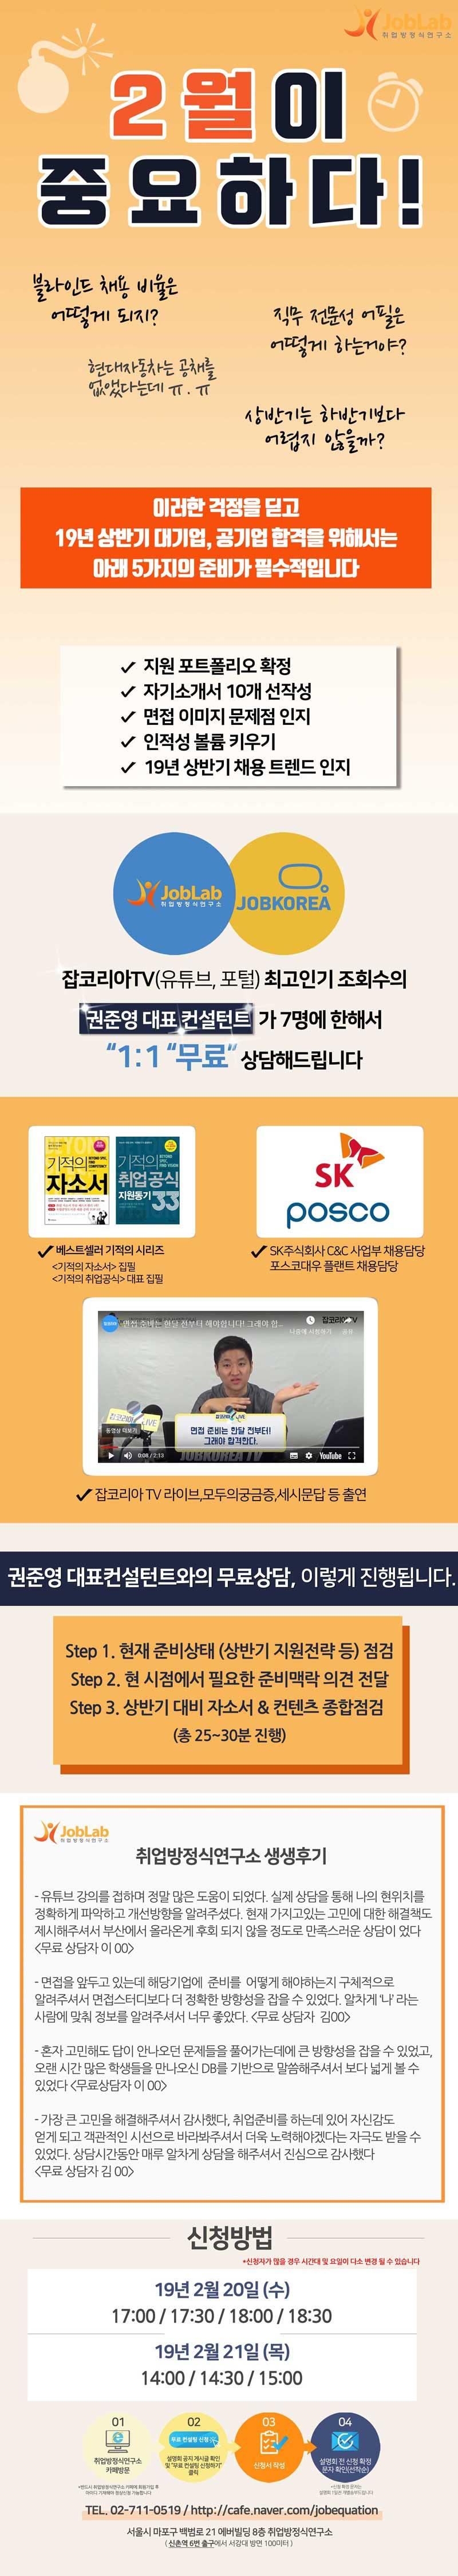 [2/20~2/21] 잡코리아TV 권준영 대표와의 상반기 준비를 위한 2월 맞춤형 무료 전략수립